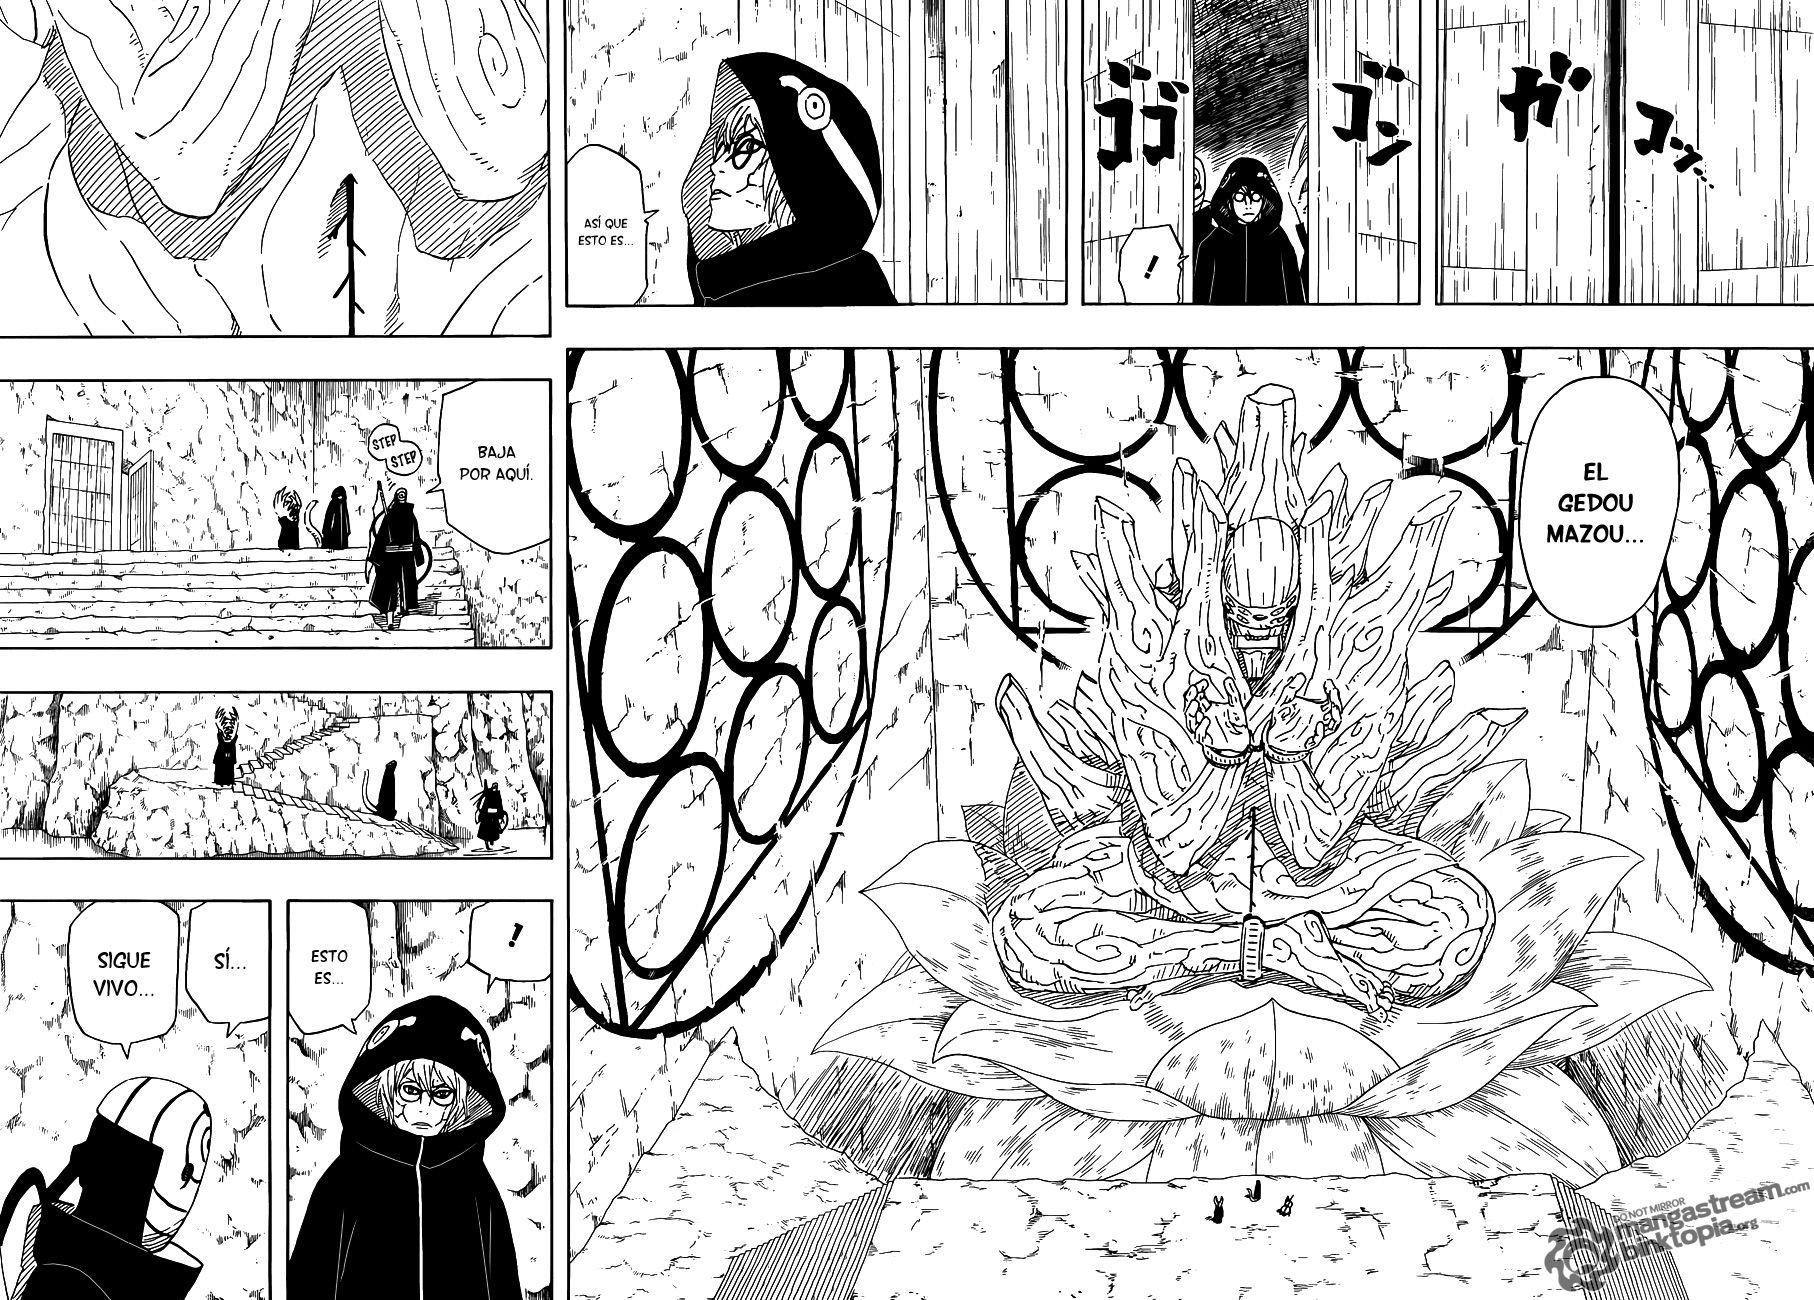 Naruto Manga 512 Español Online Hd Descargar Gratis Naruto Manga Los Chicos Del Barrio